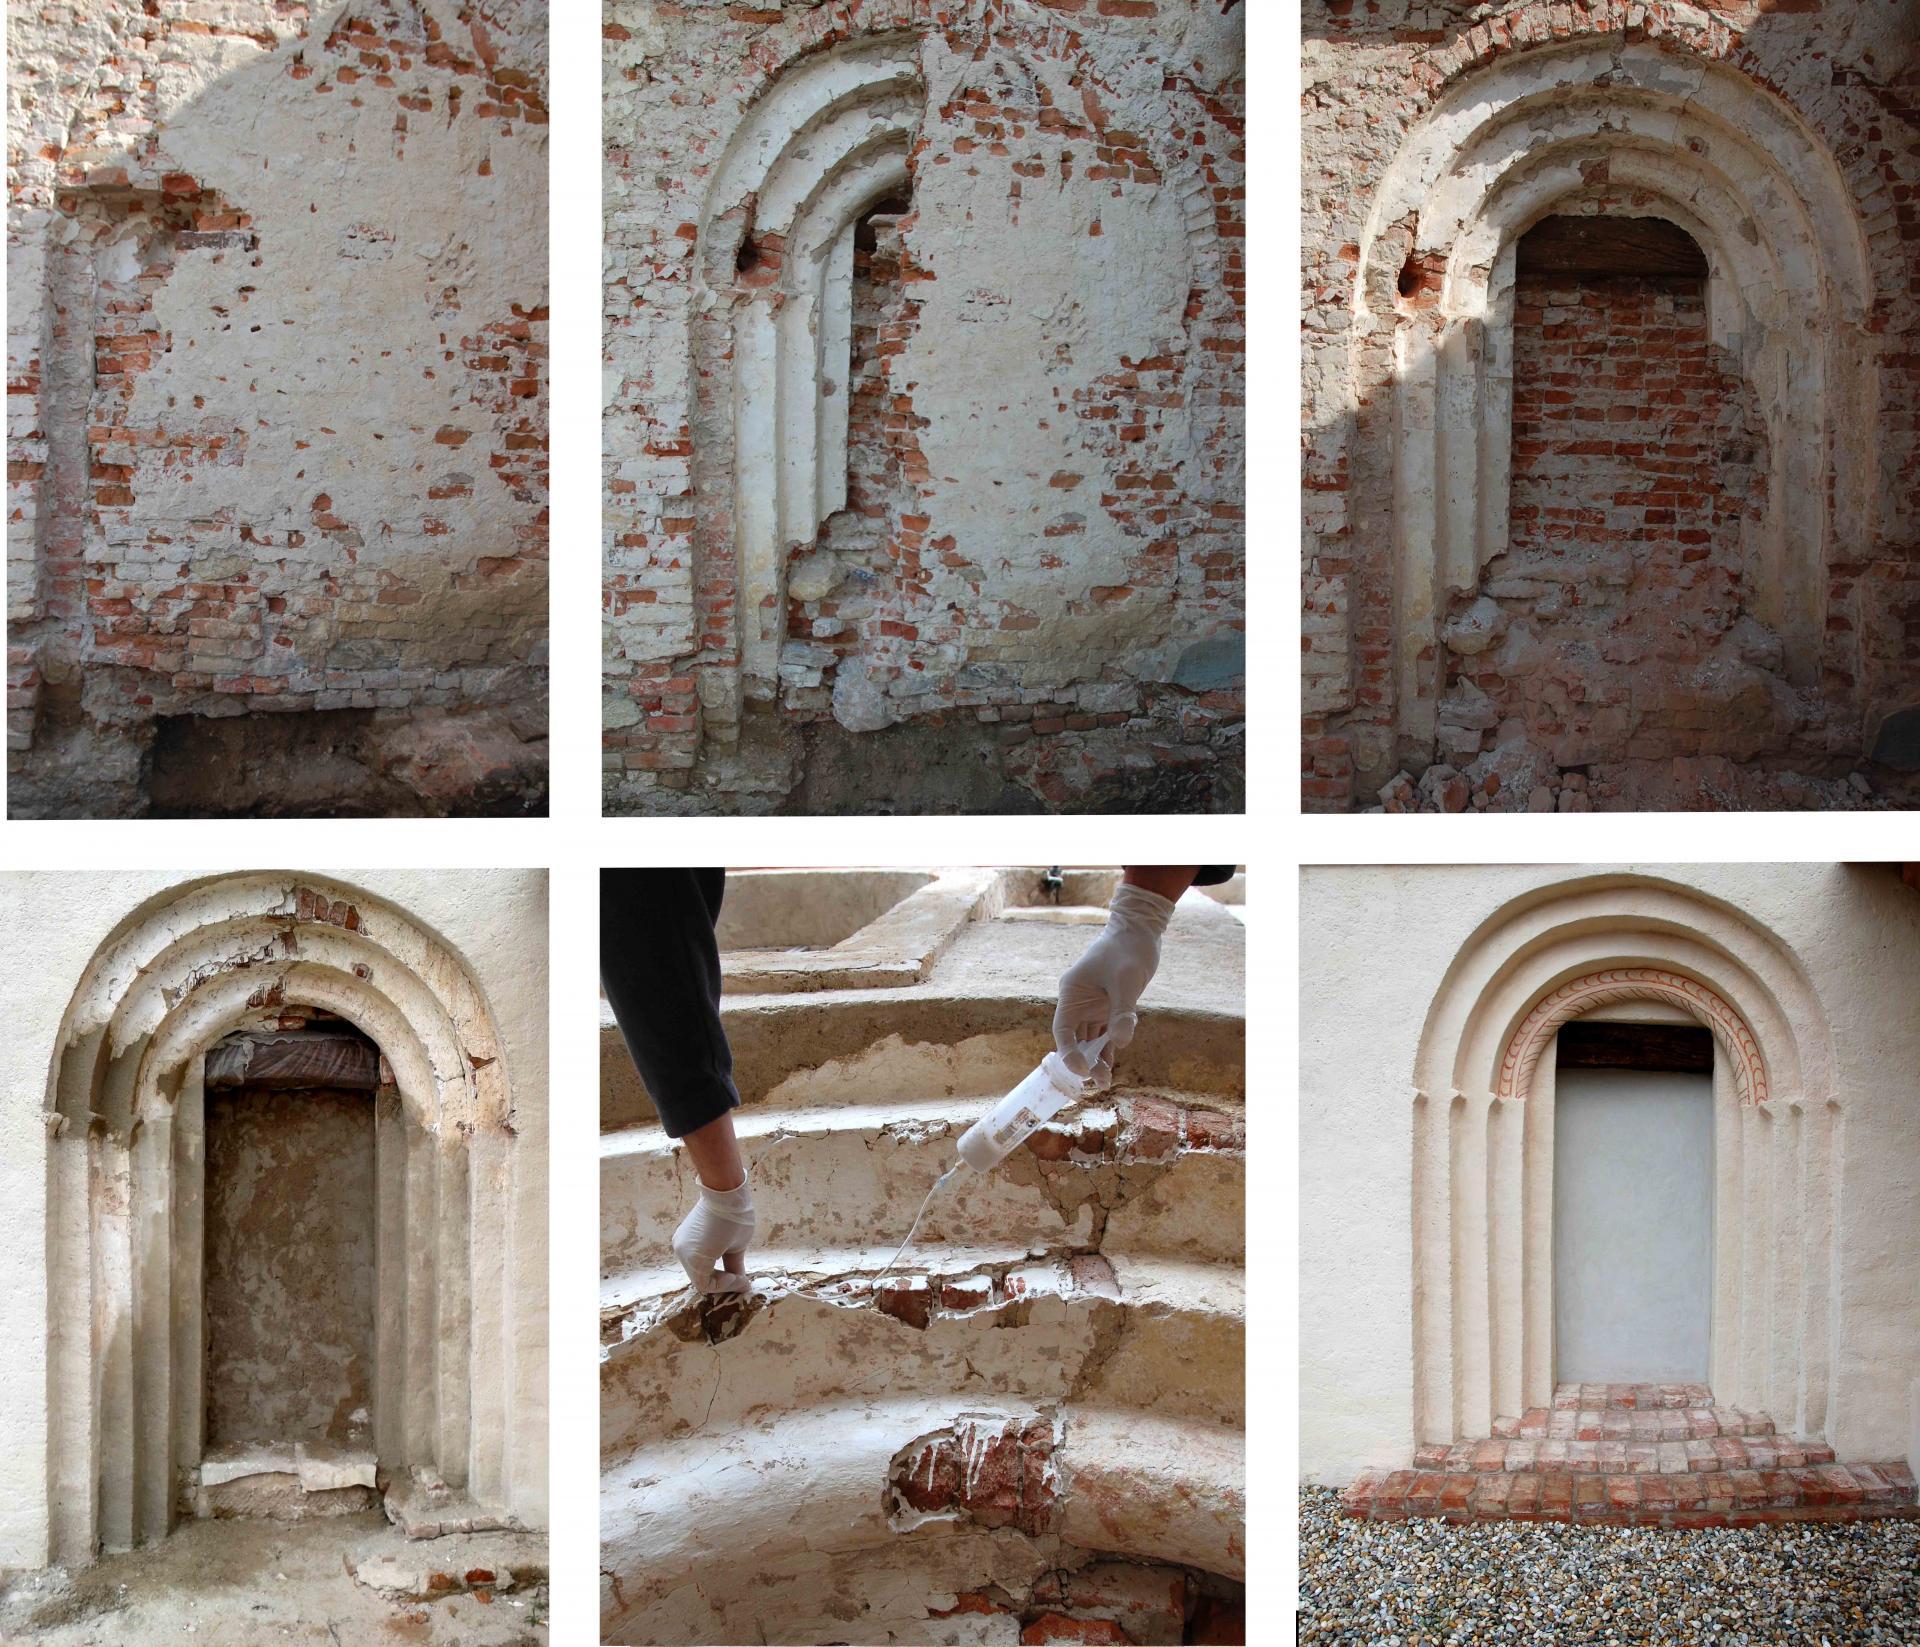 Reštaurovanie románskeho portálu Rest-art